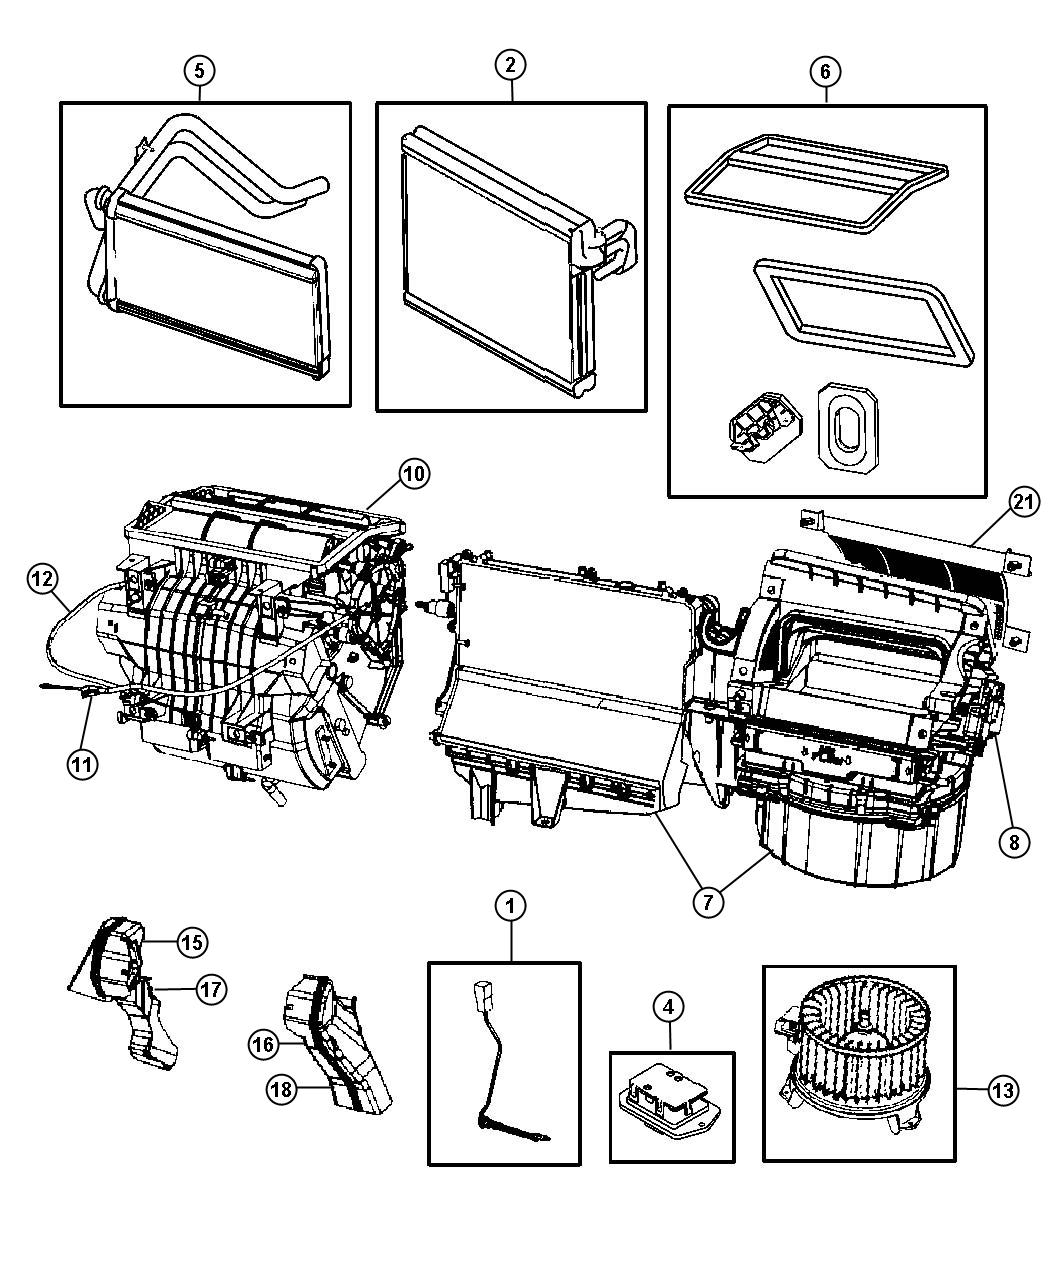 2007 dodge caliber housing blower motor air. Black Bedroom Furniture Sets. Home Design Ideas